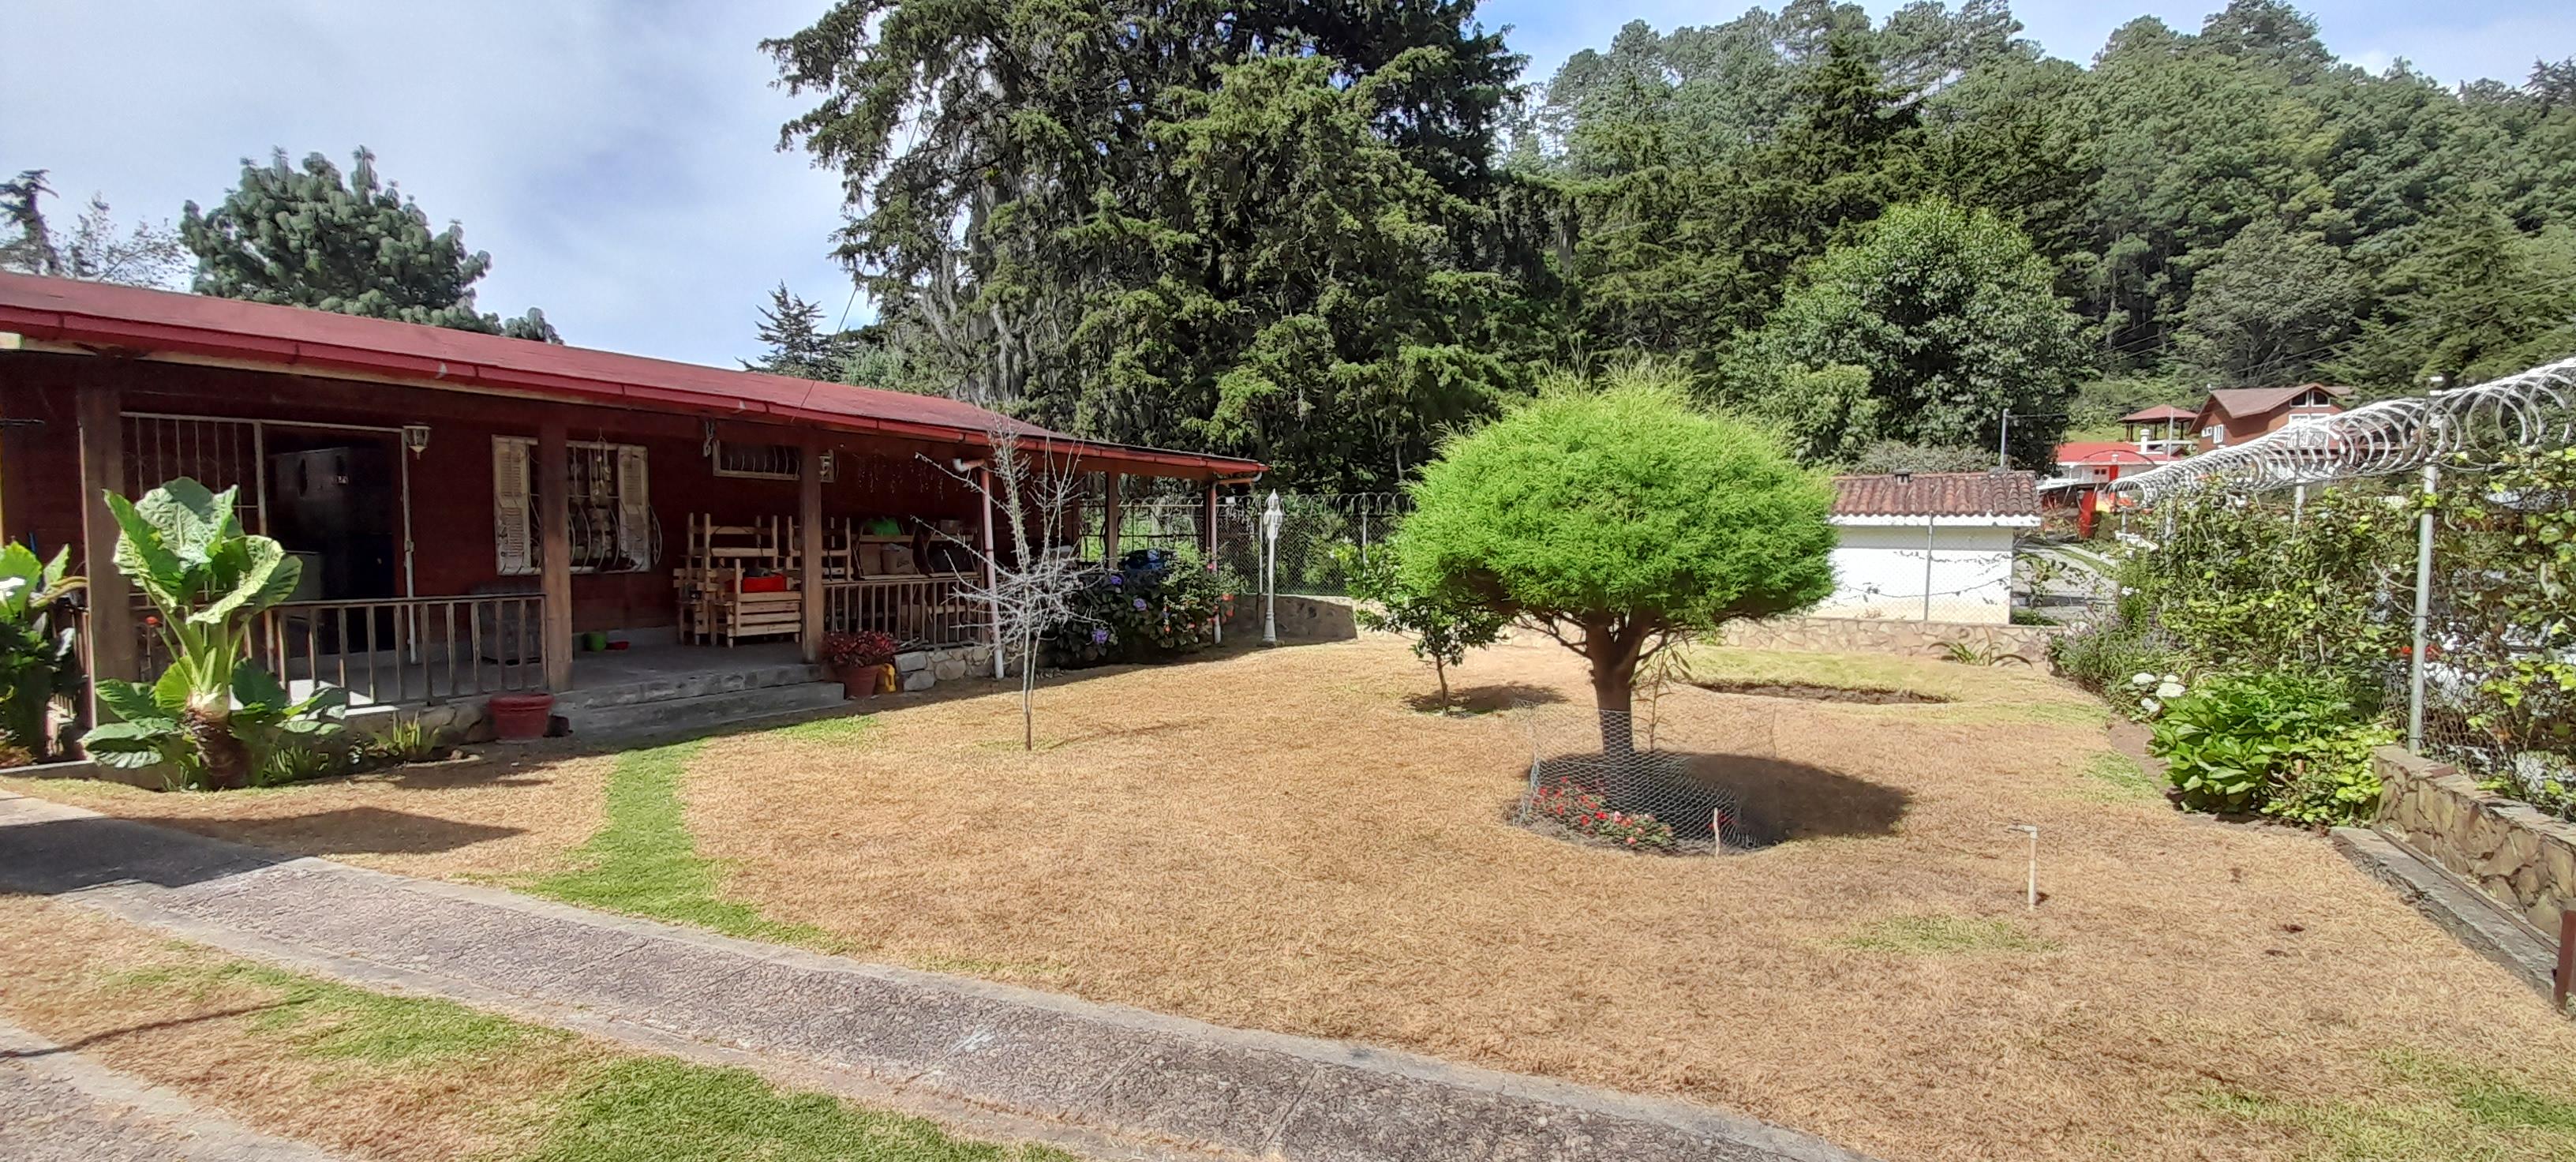 CityMax Antigua Casa Tipo Granja de venta en Tecpán dentro residencial